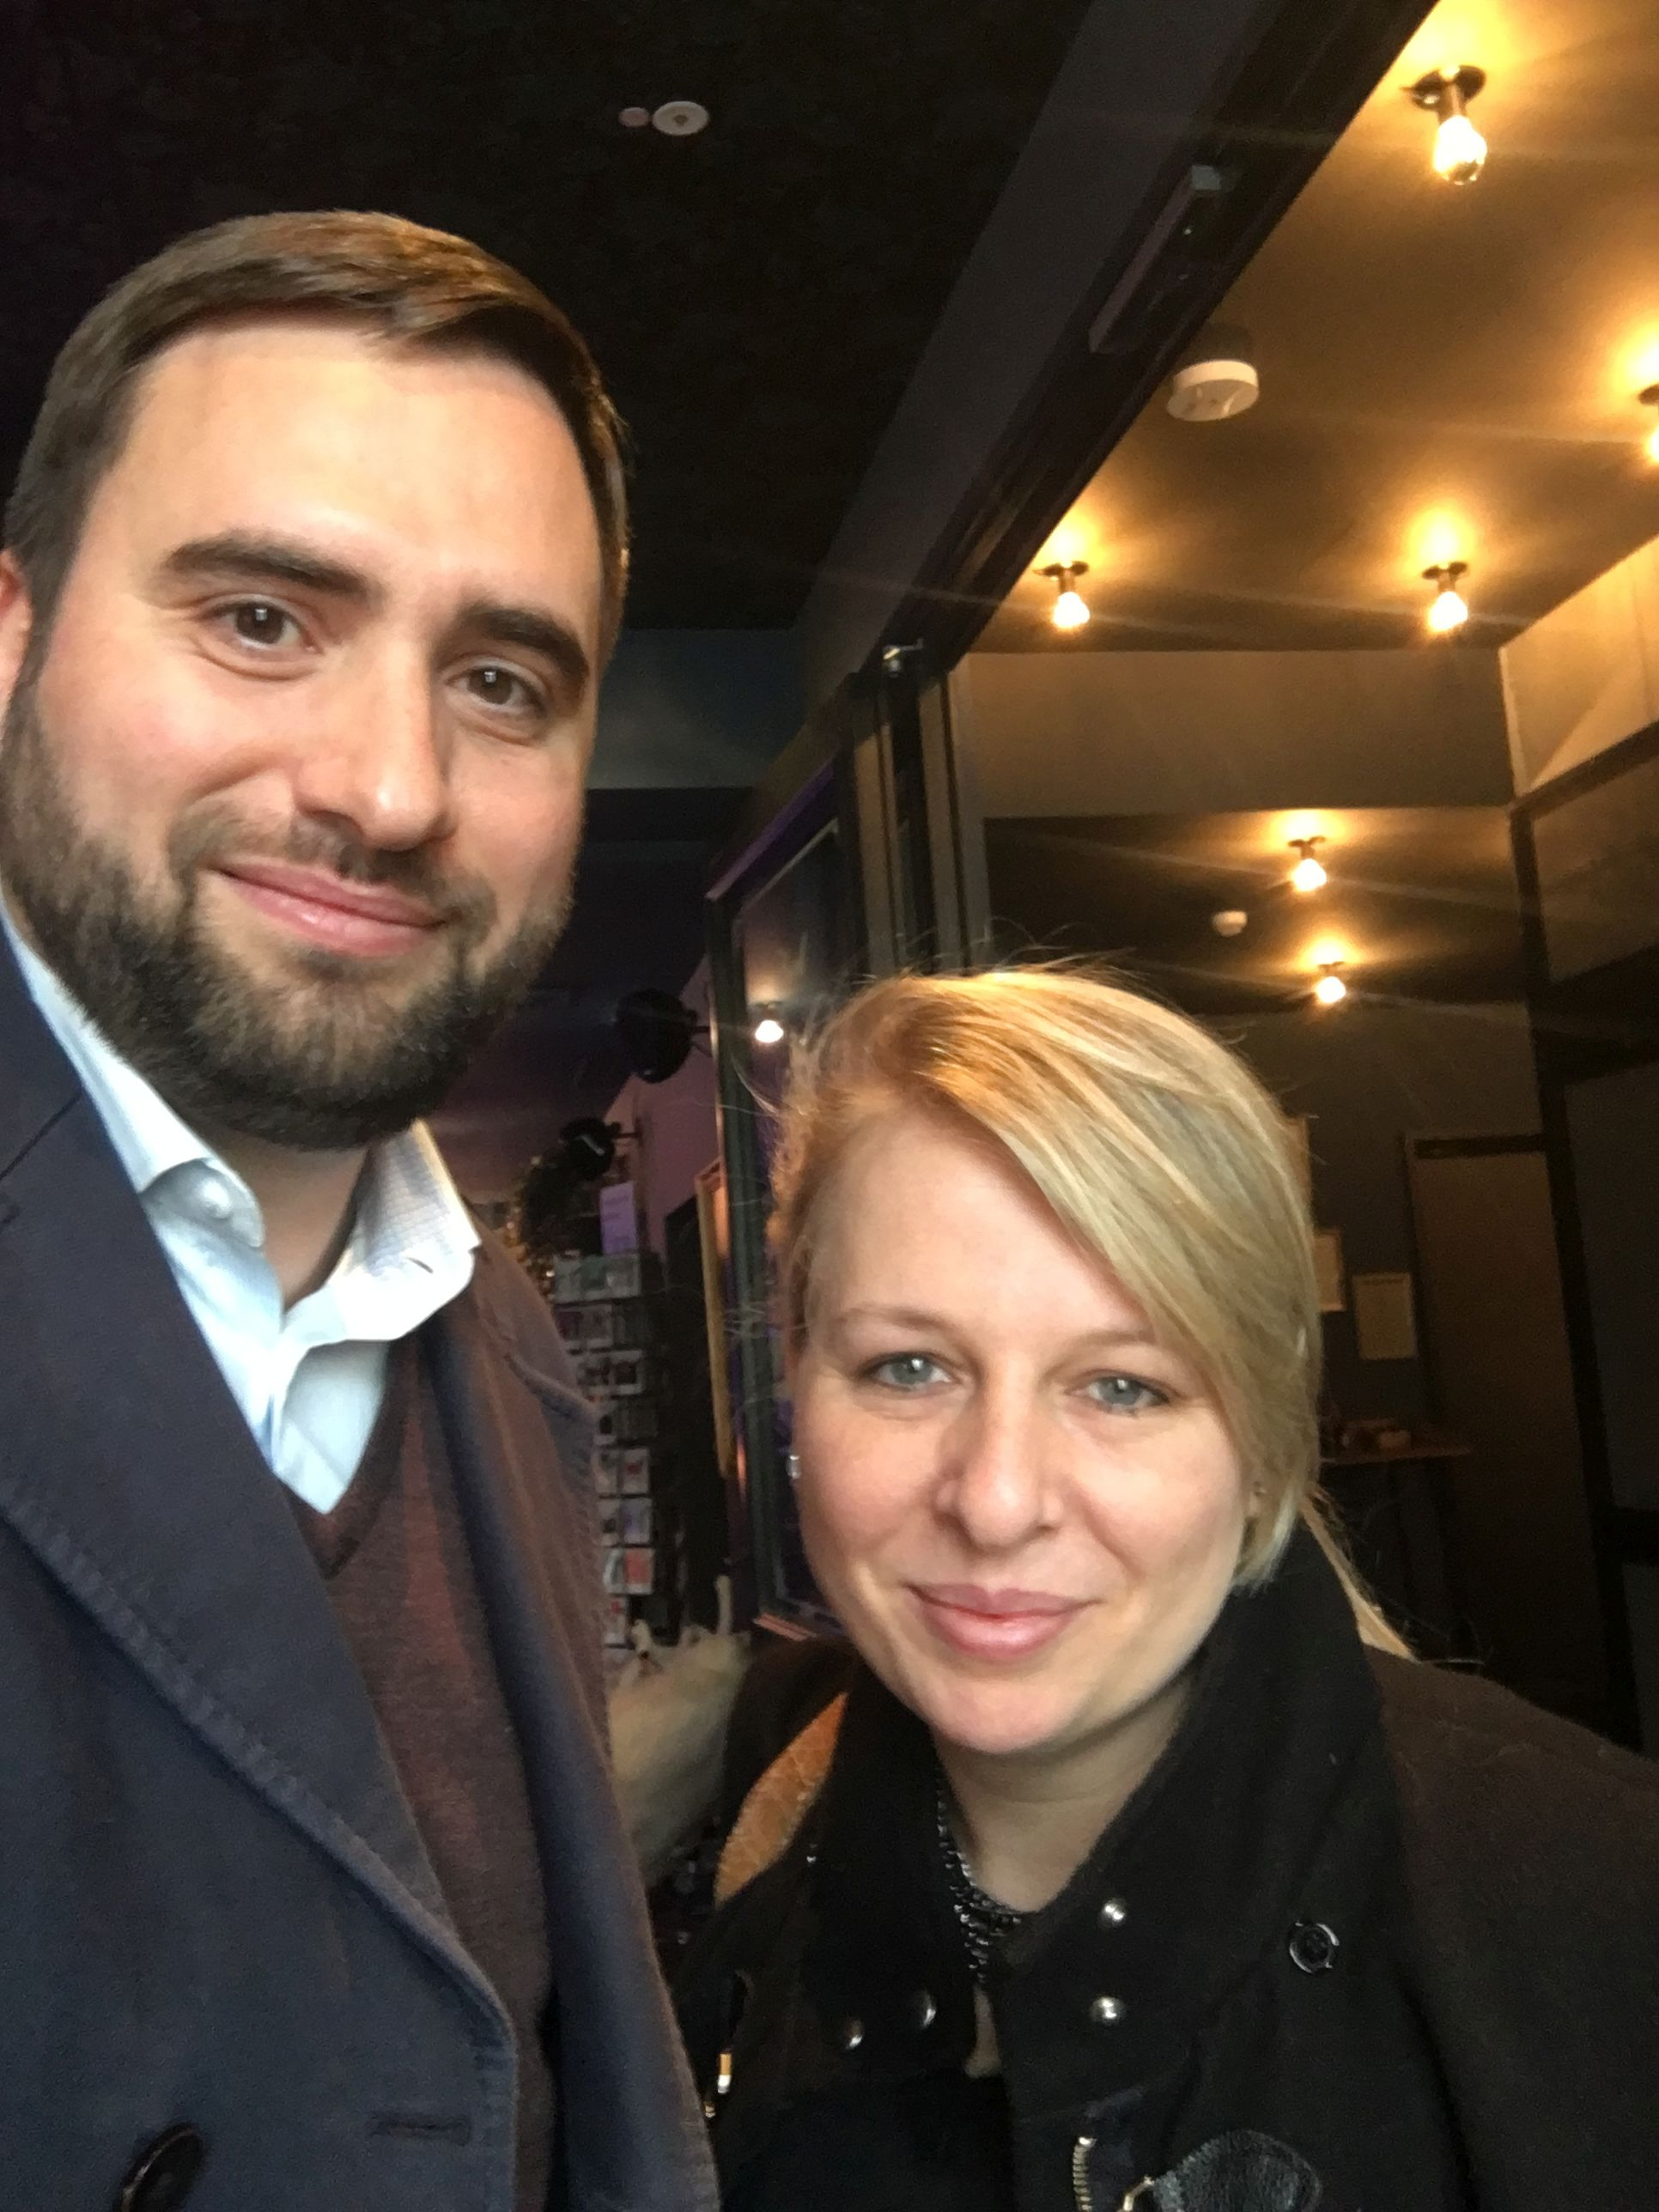 Herr Dr. Eichel & Frau Kammermeier.jpg